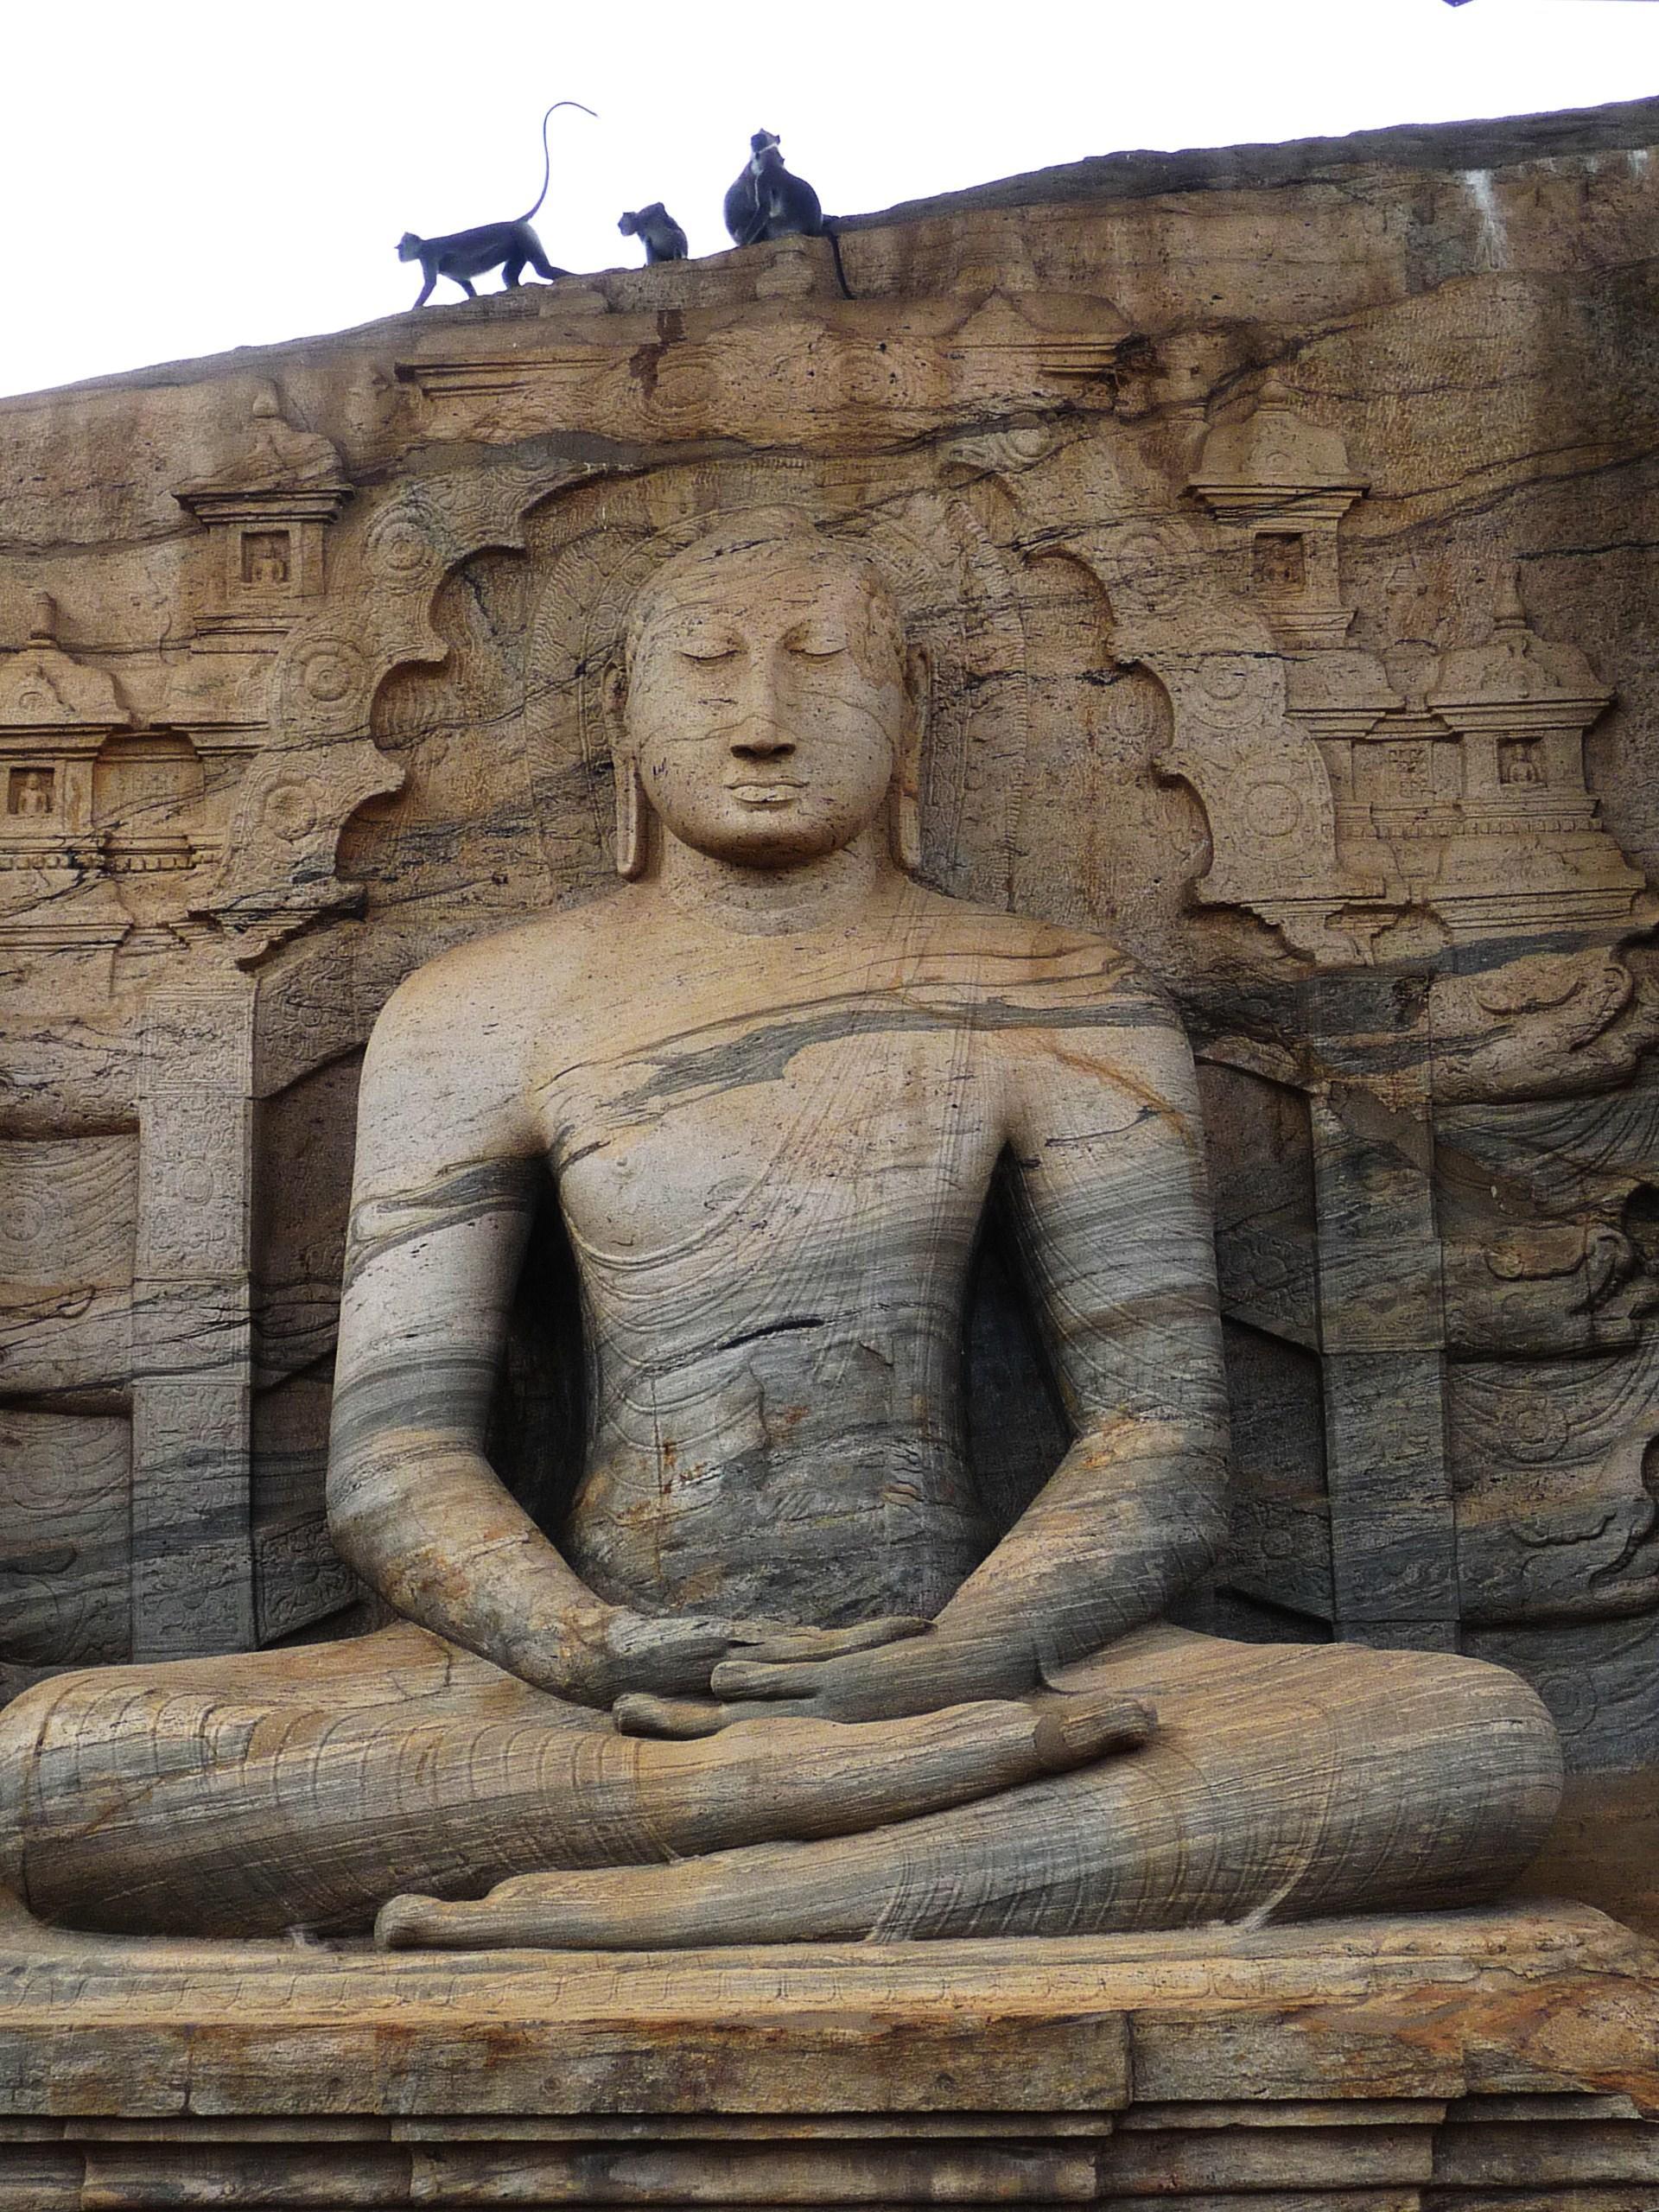 Buddha in Polonnaruwa, Sri Lanka